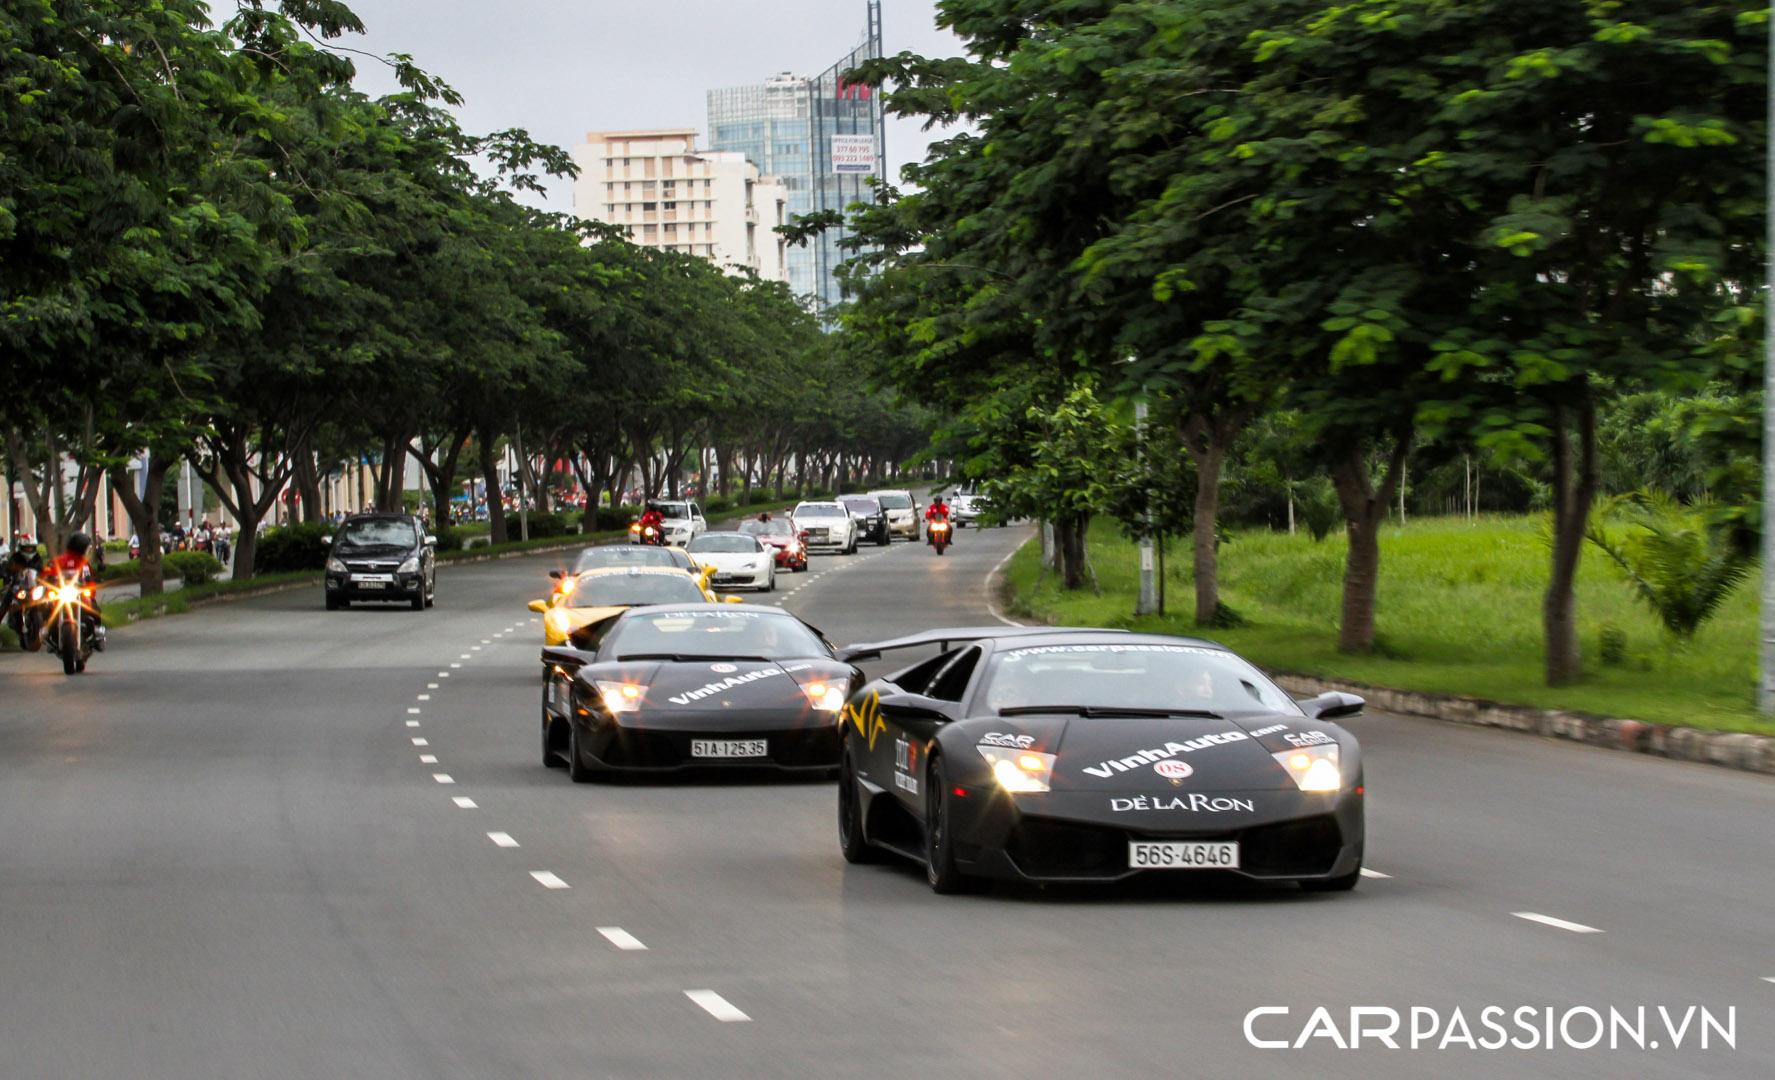 CP-Hành trình siêu xe CarPassion 2011 (12).jpg